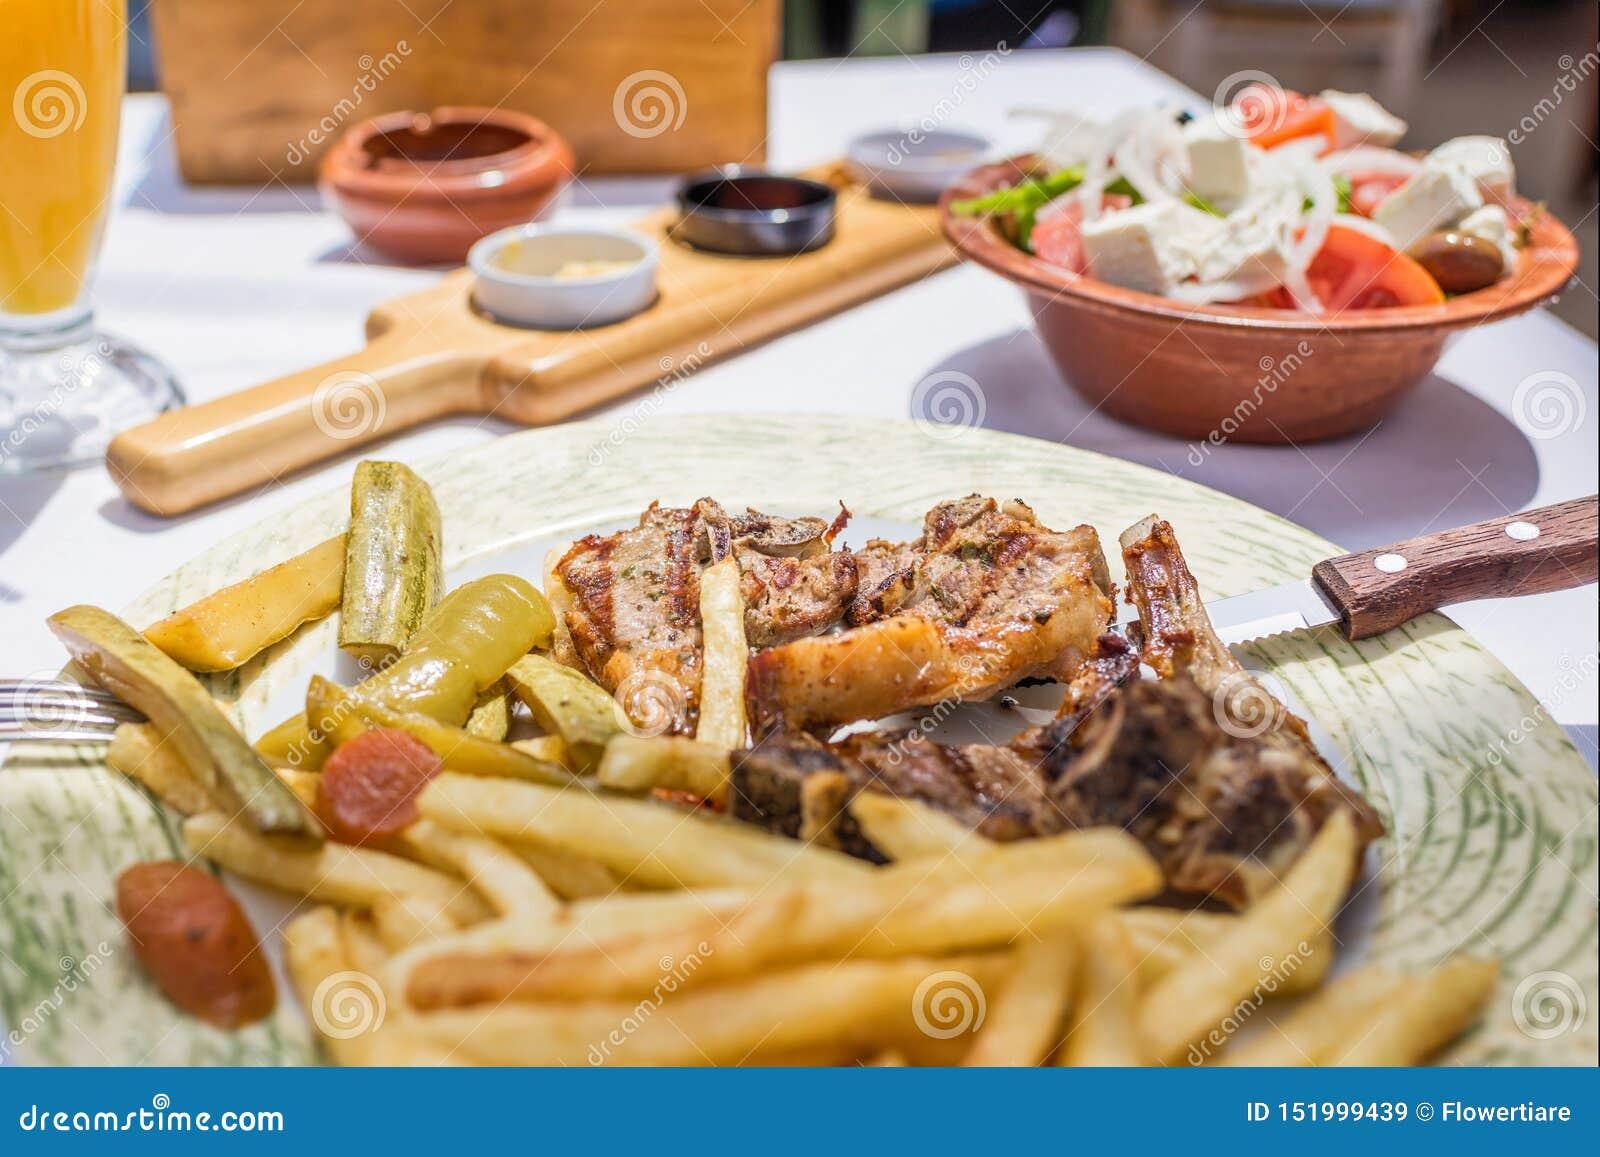 Lammkotletter med grönsaker och stekpotatisar på en platta i en grekisk restaurang eller krog